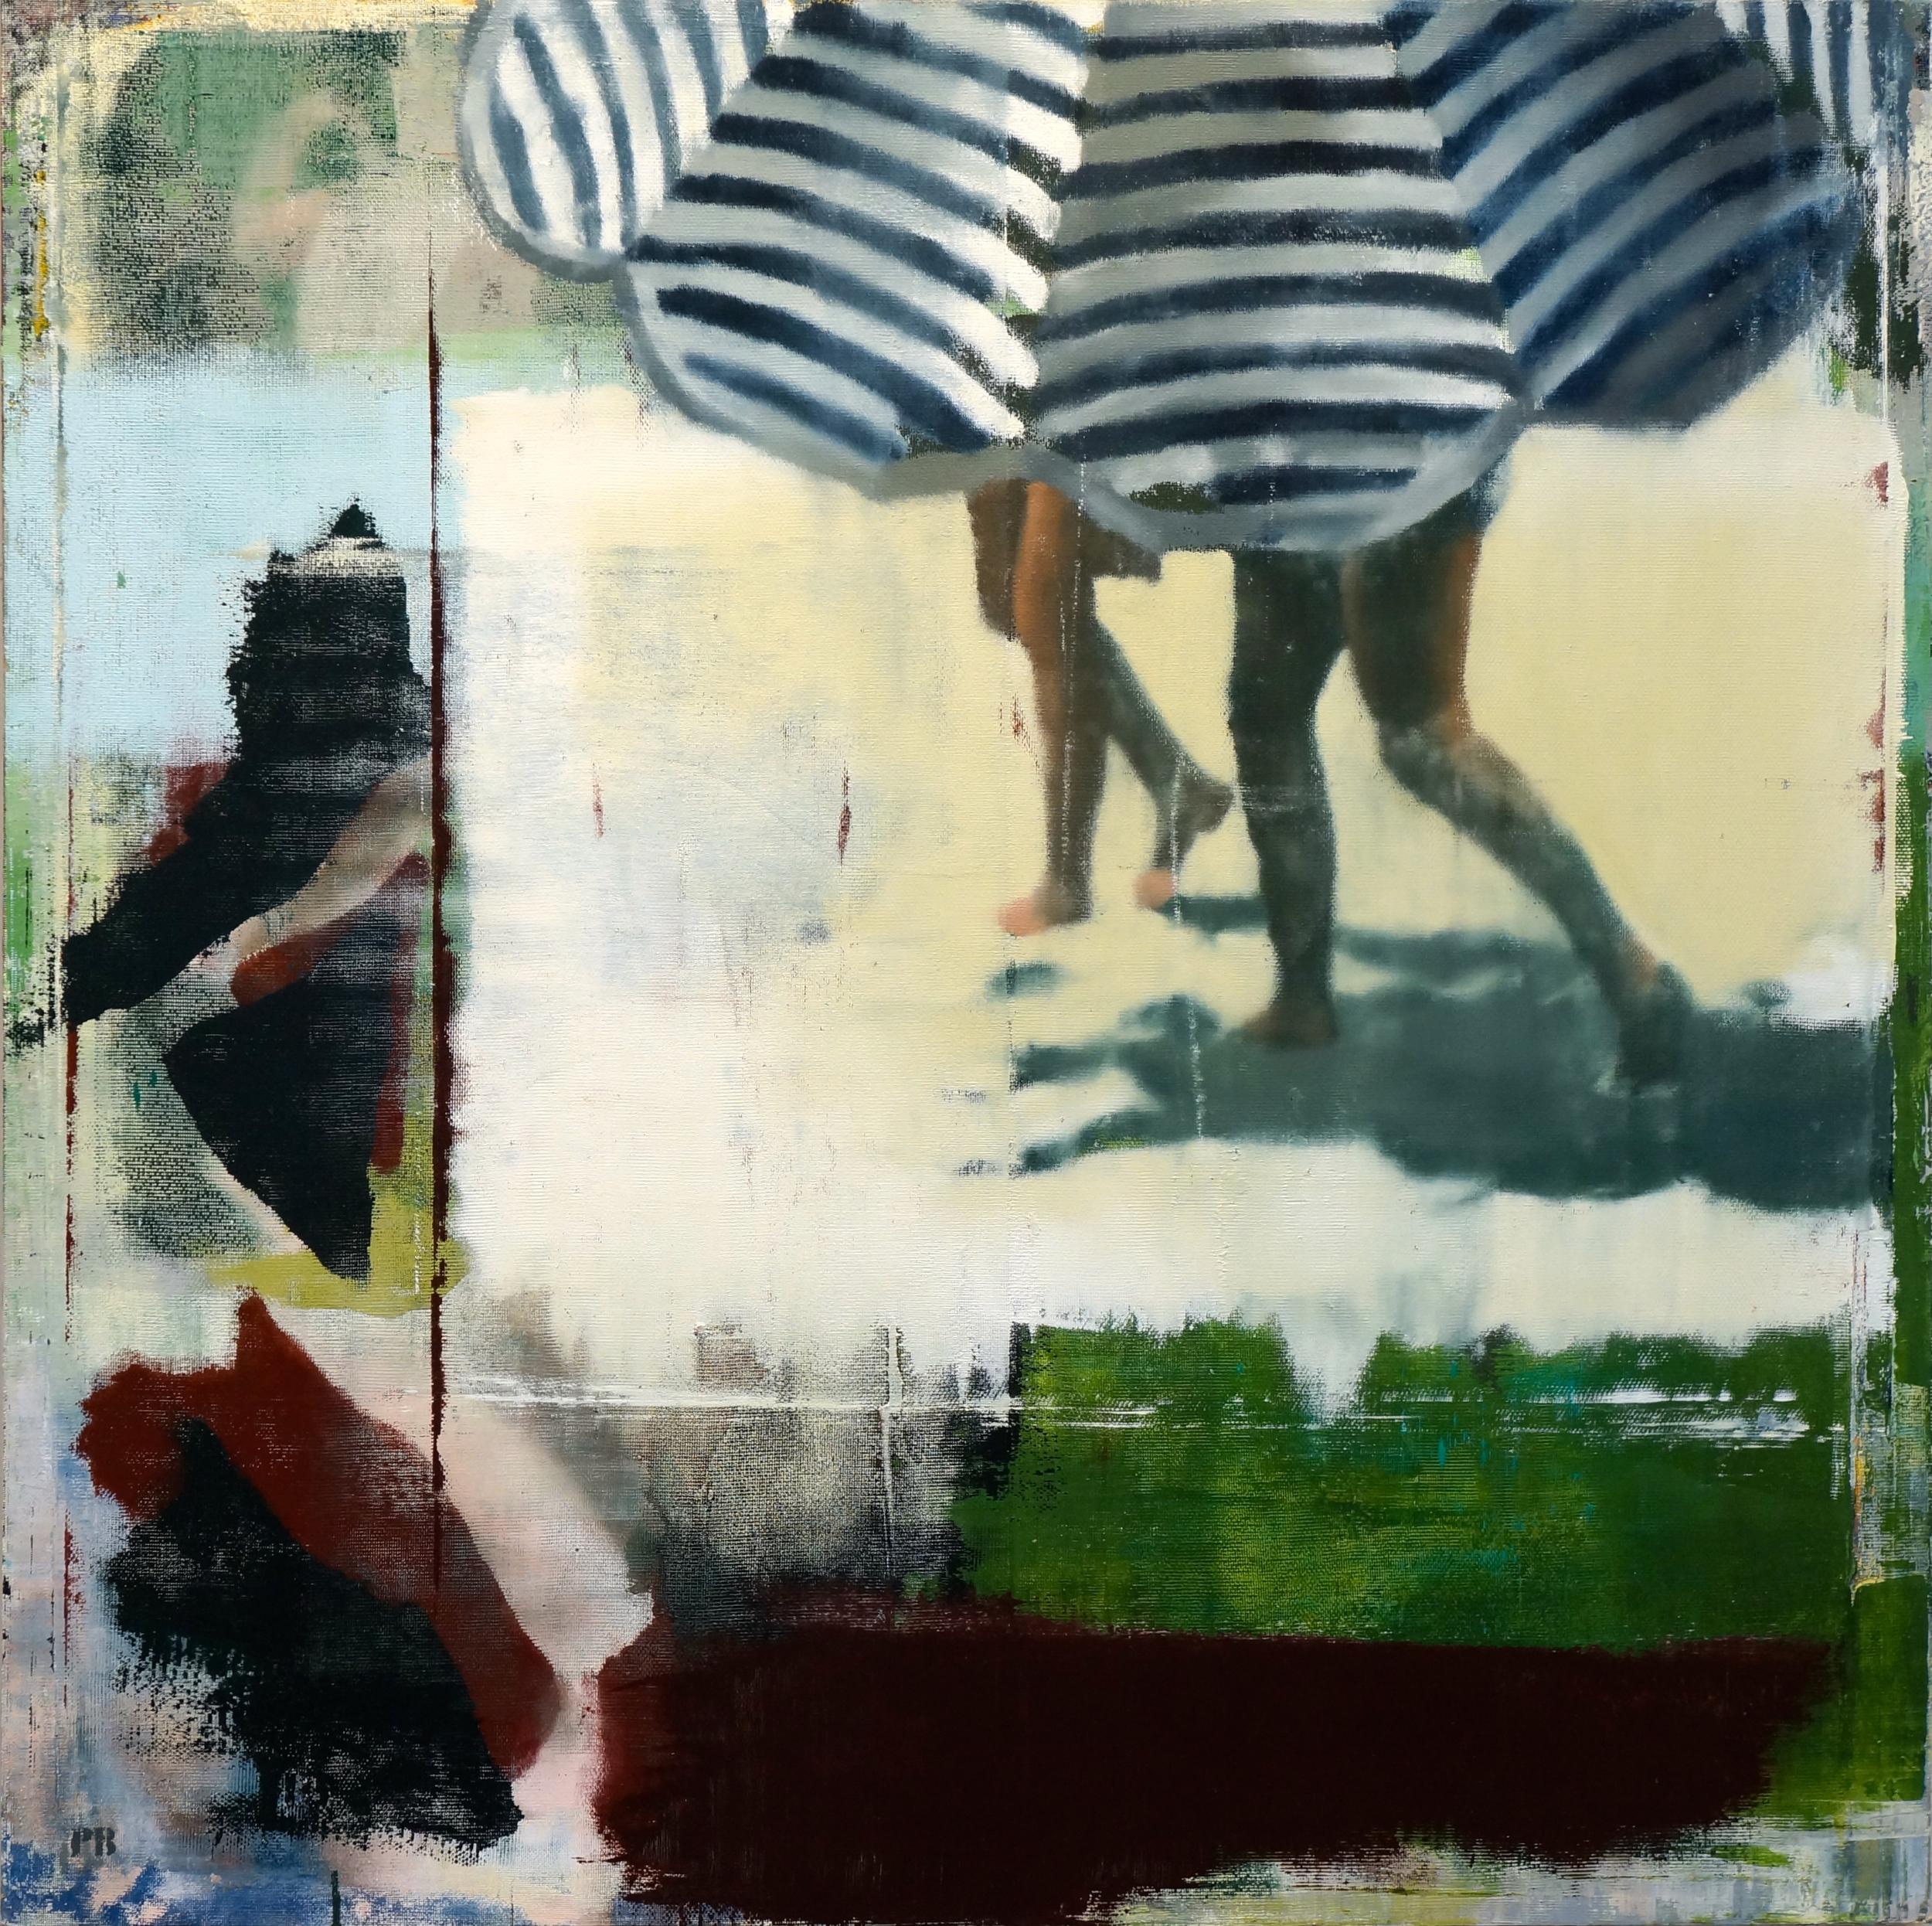 """Striped Umbrella, Oil on Linen on Panel, 2014, 48"""" x 48"""""""